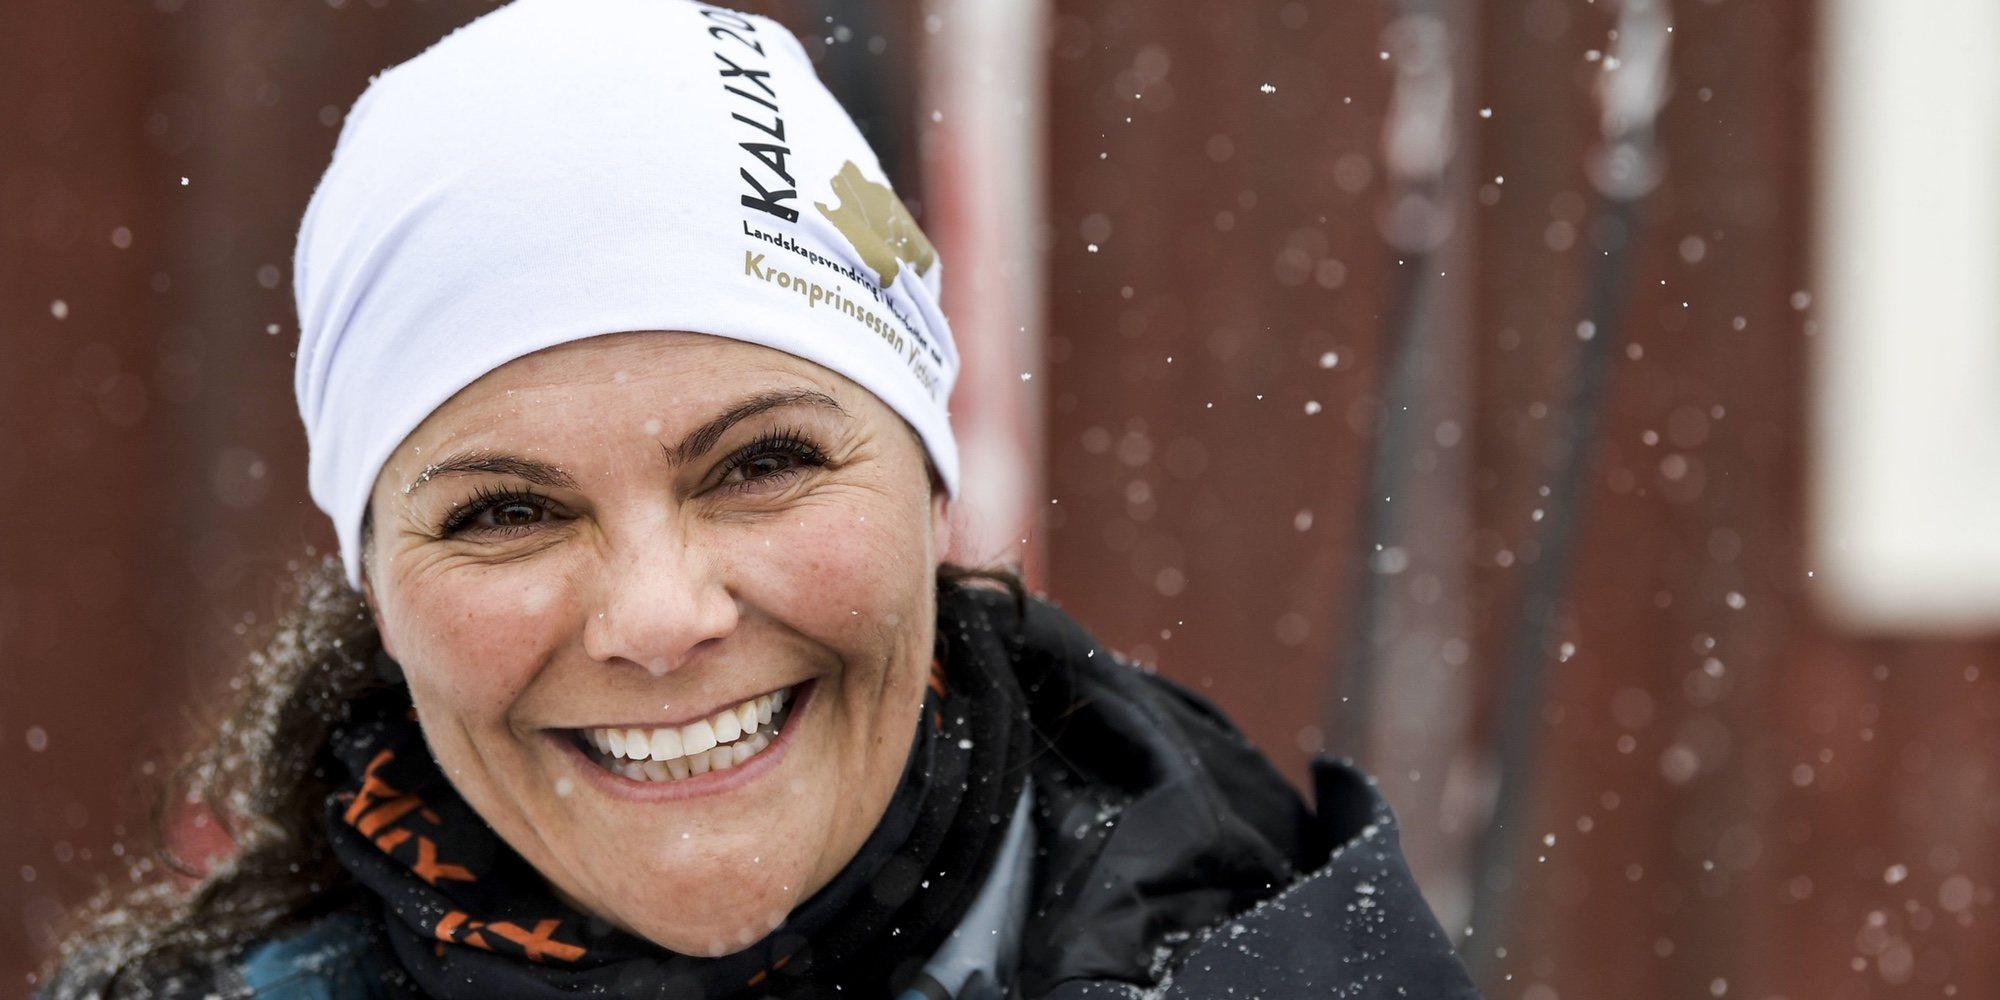 Victoria de Suecia, la reina de las nieves: esquía sobre un río helado y demuestra su buena forma física